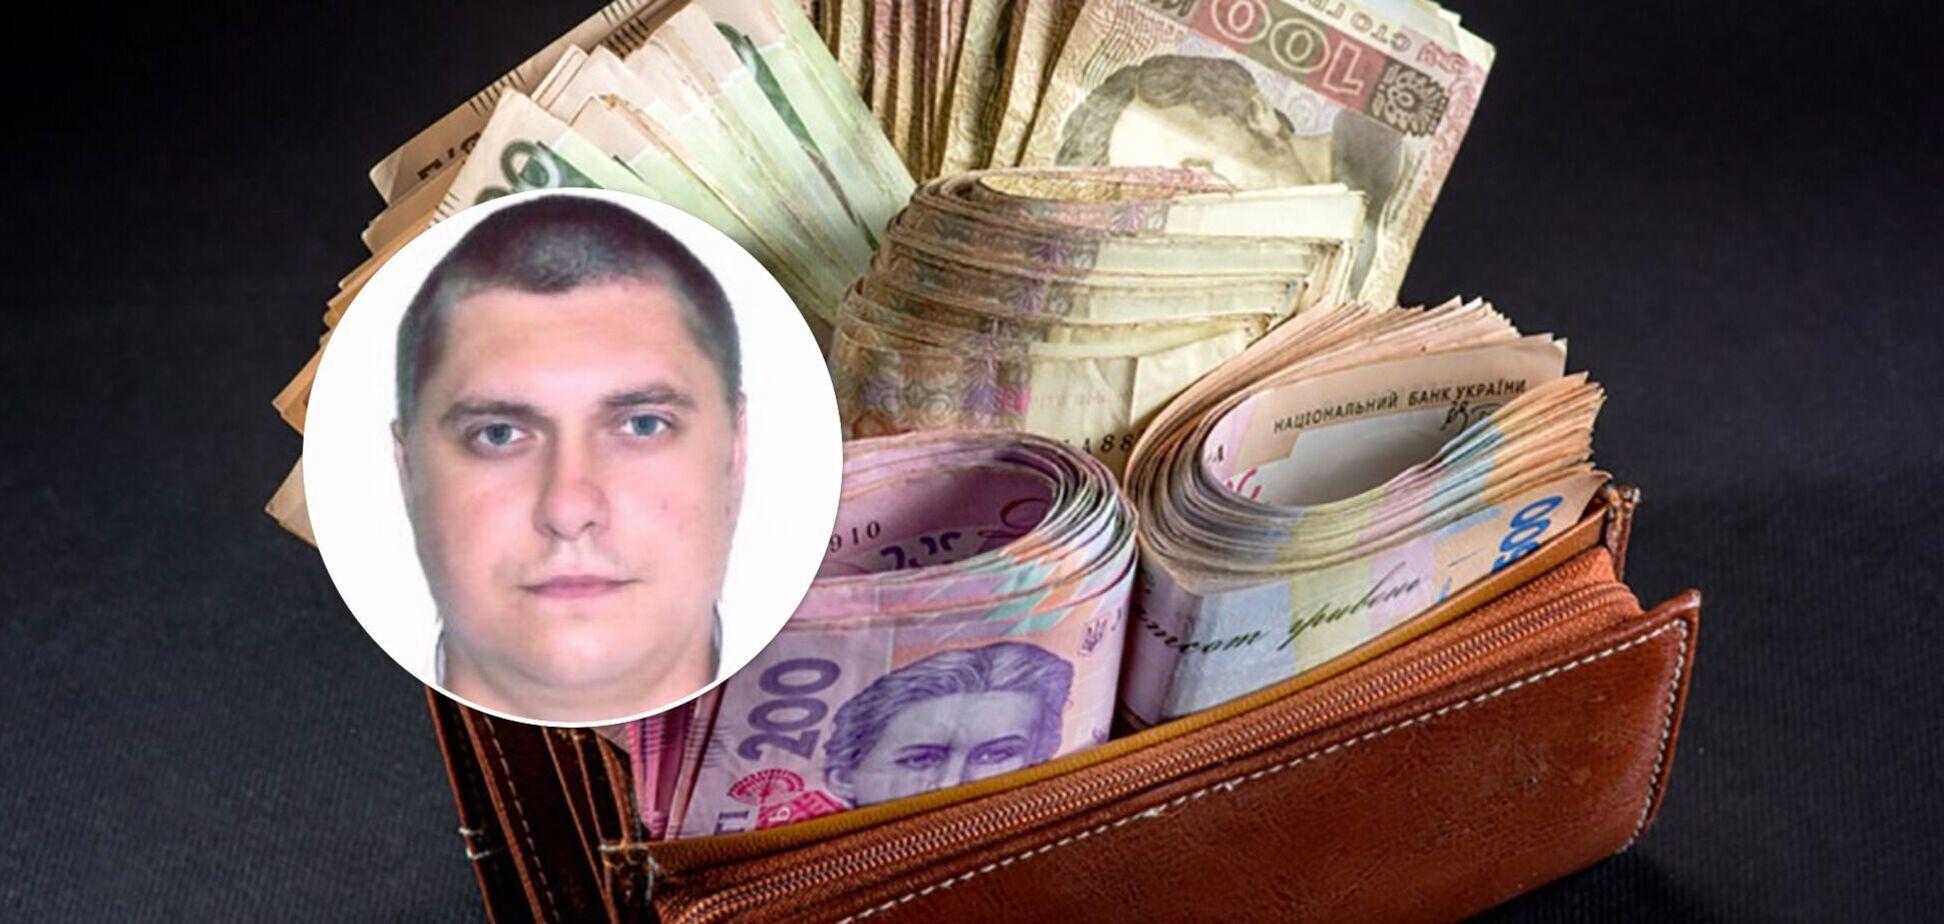 Одеський податківець розповів про величезні хабарі: за місяць збирав по $50 тис.